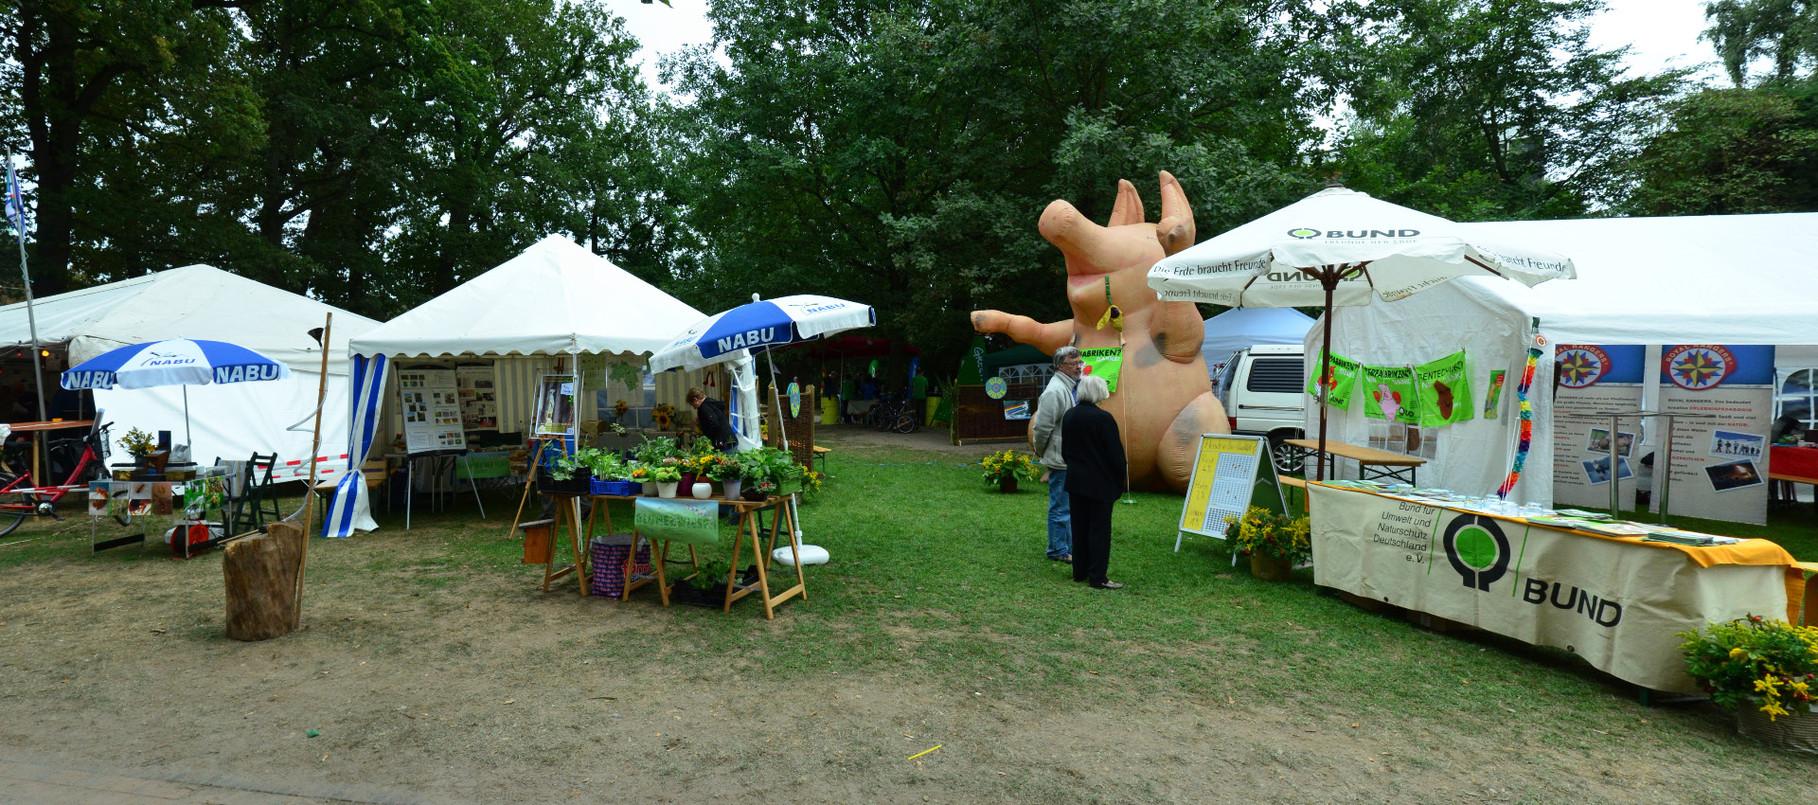 Gut platziert auf dem Rathaus-Park neben dem BUND-Stand steht unser Zelt